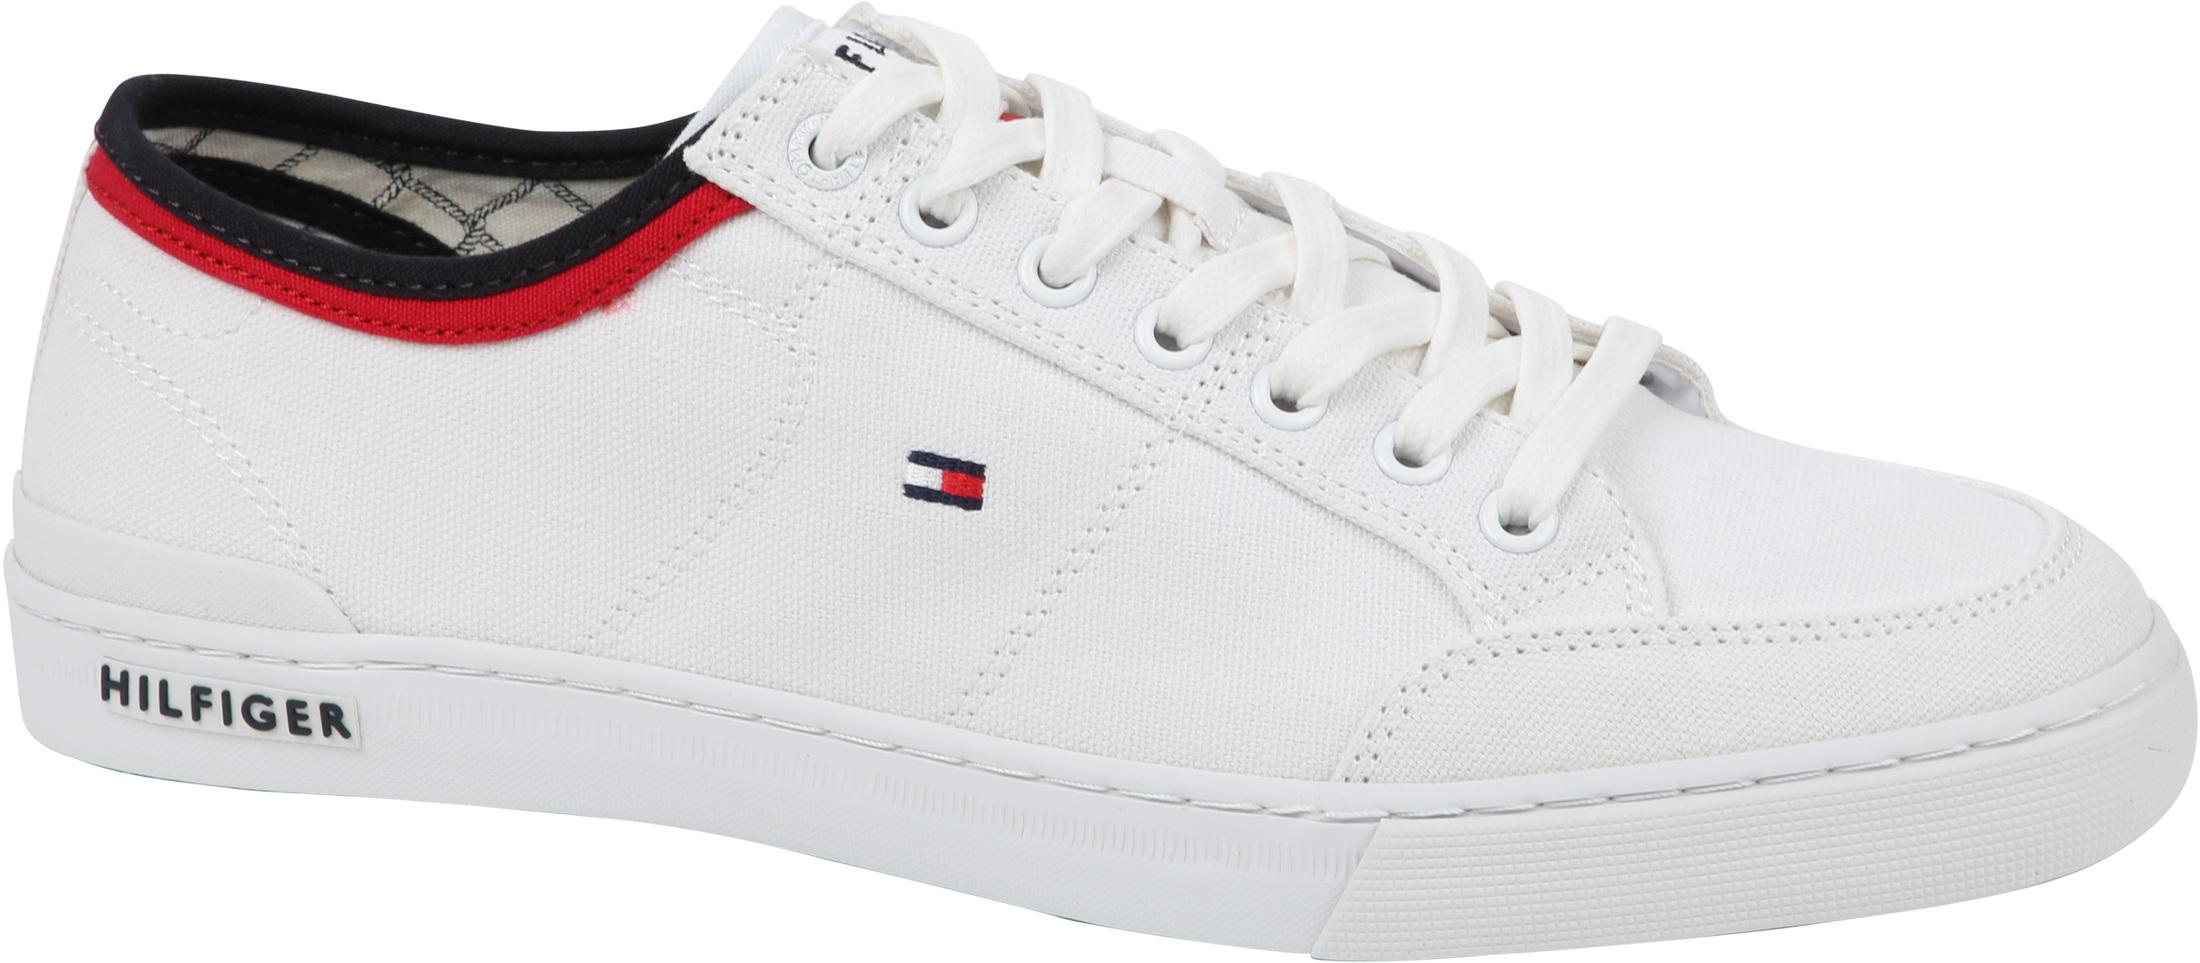 Tommy Hilfiger Shoe Core Corporat White foto 0